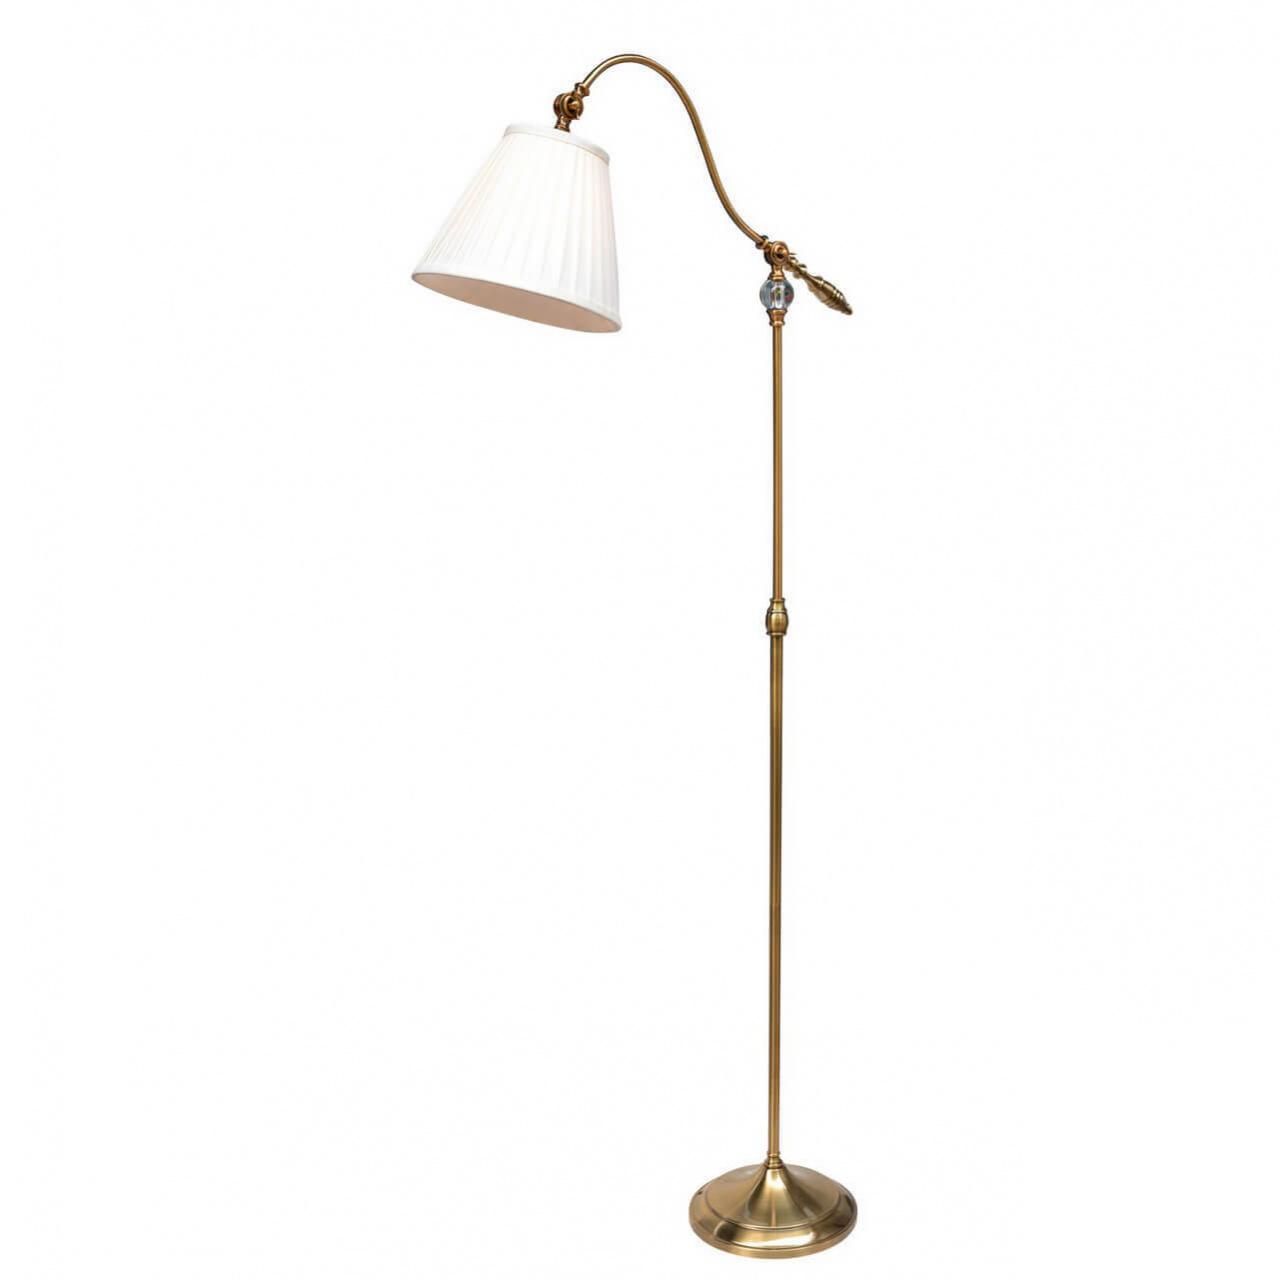 Торшер Arte Lamp Seville A1509PN-1PB накладной светильник a2302pl 1pb arte lamp